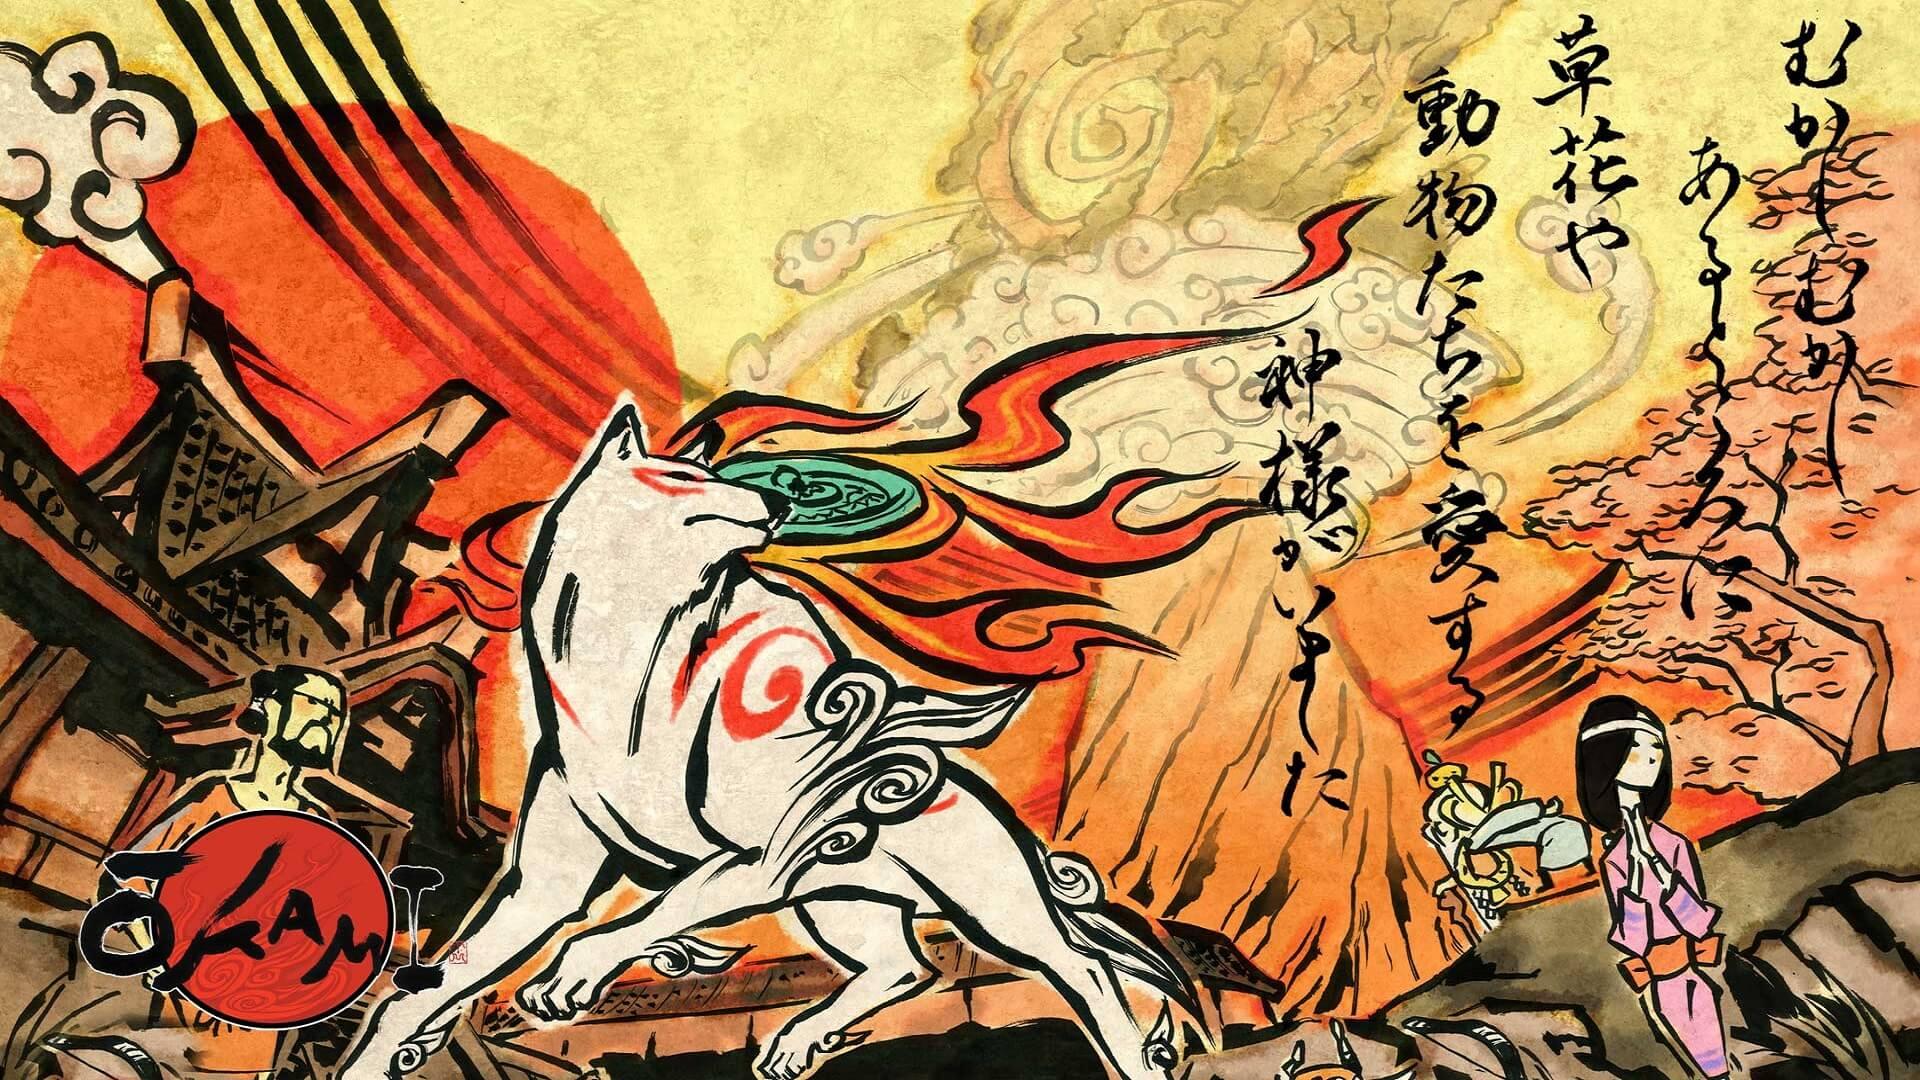 Okami: A Retrospective